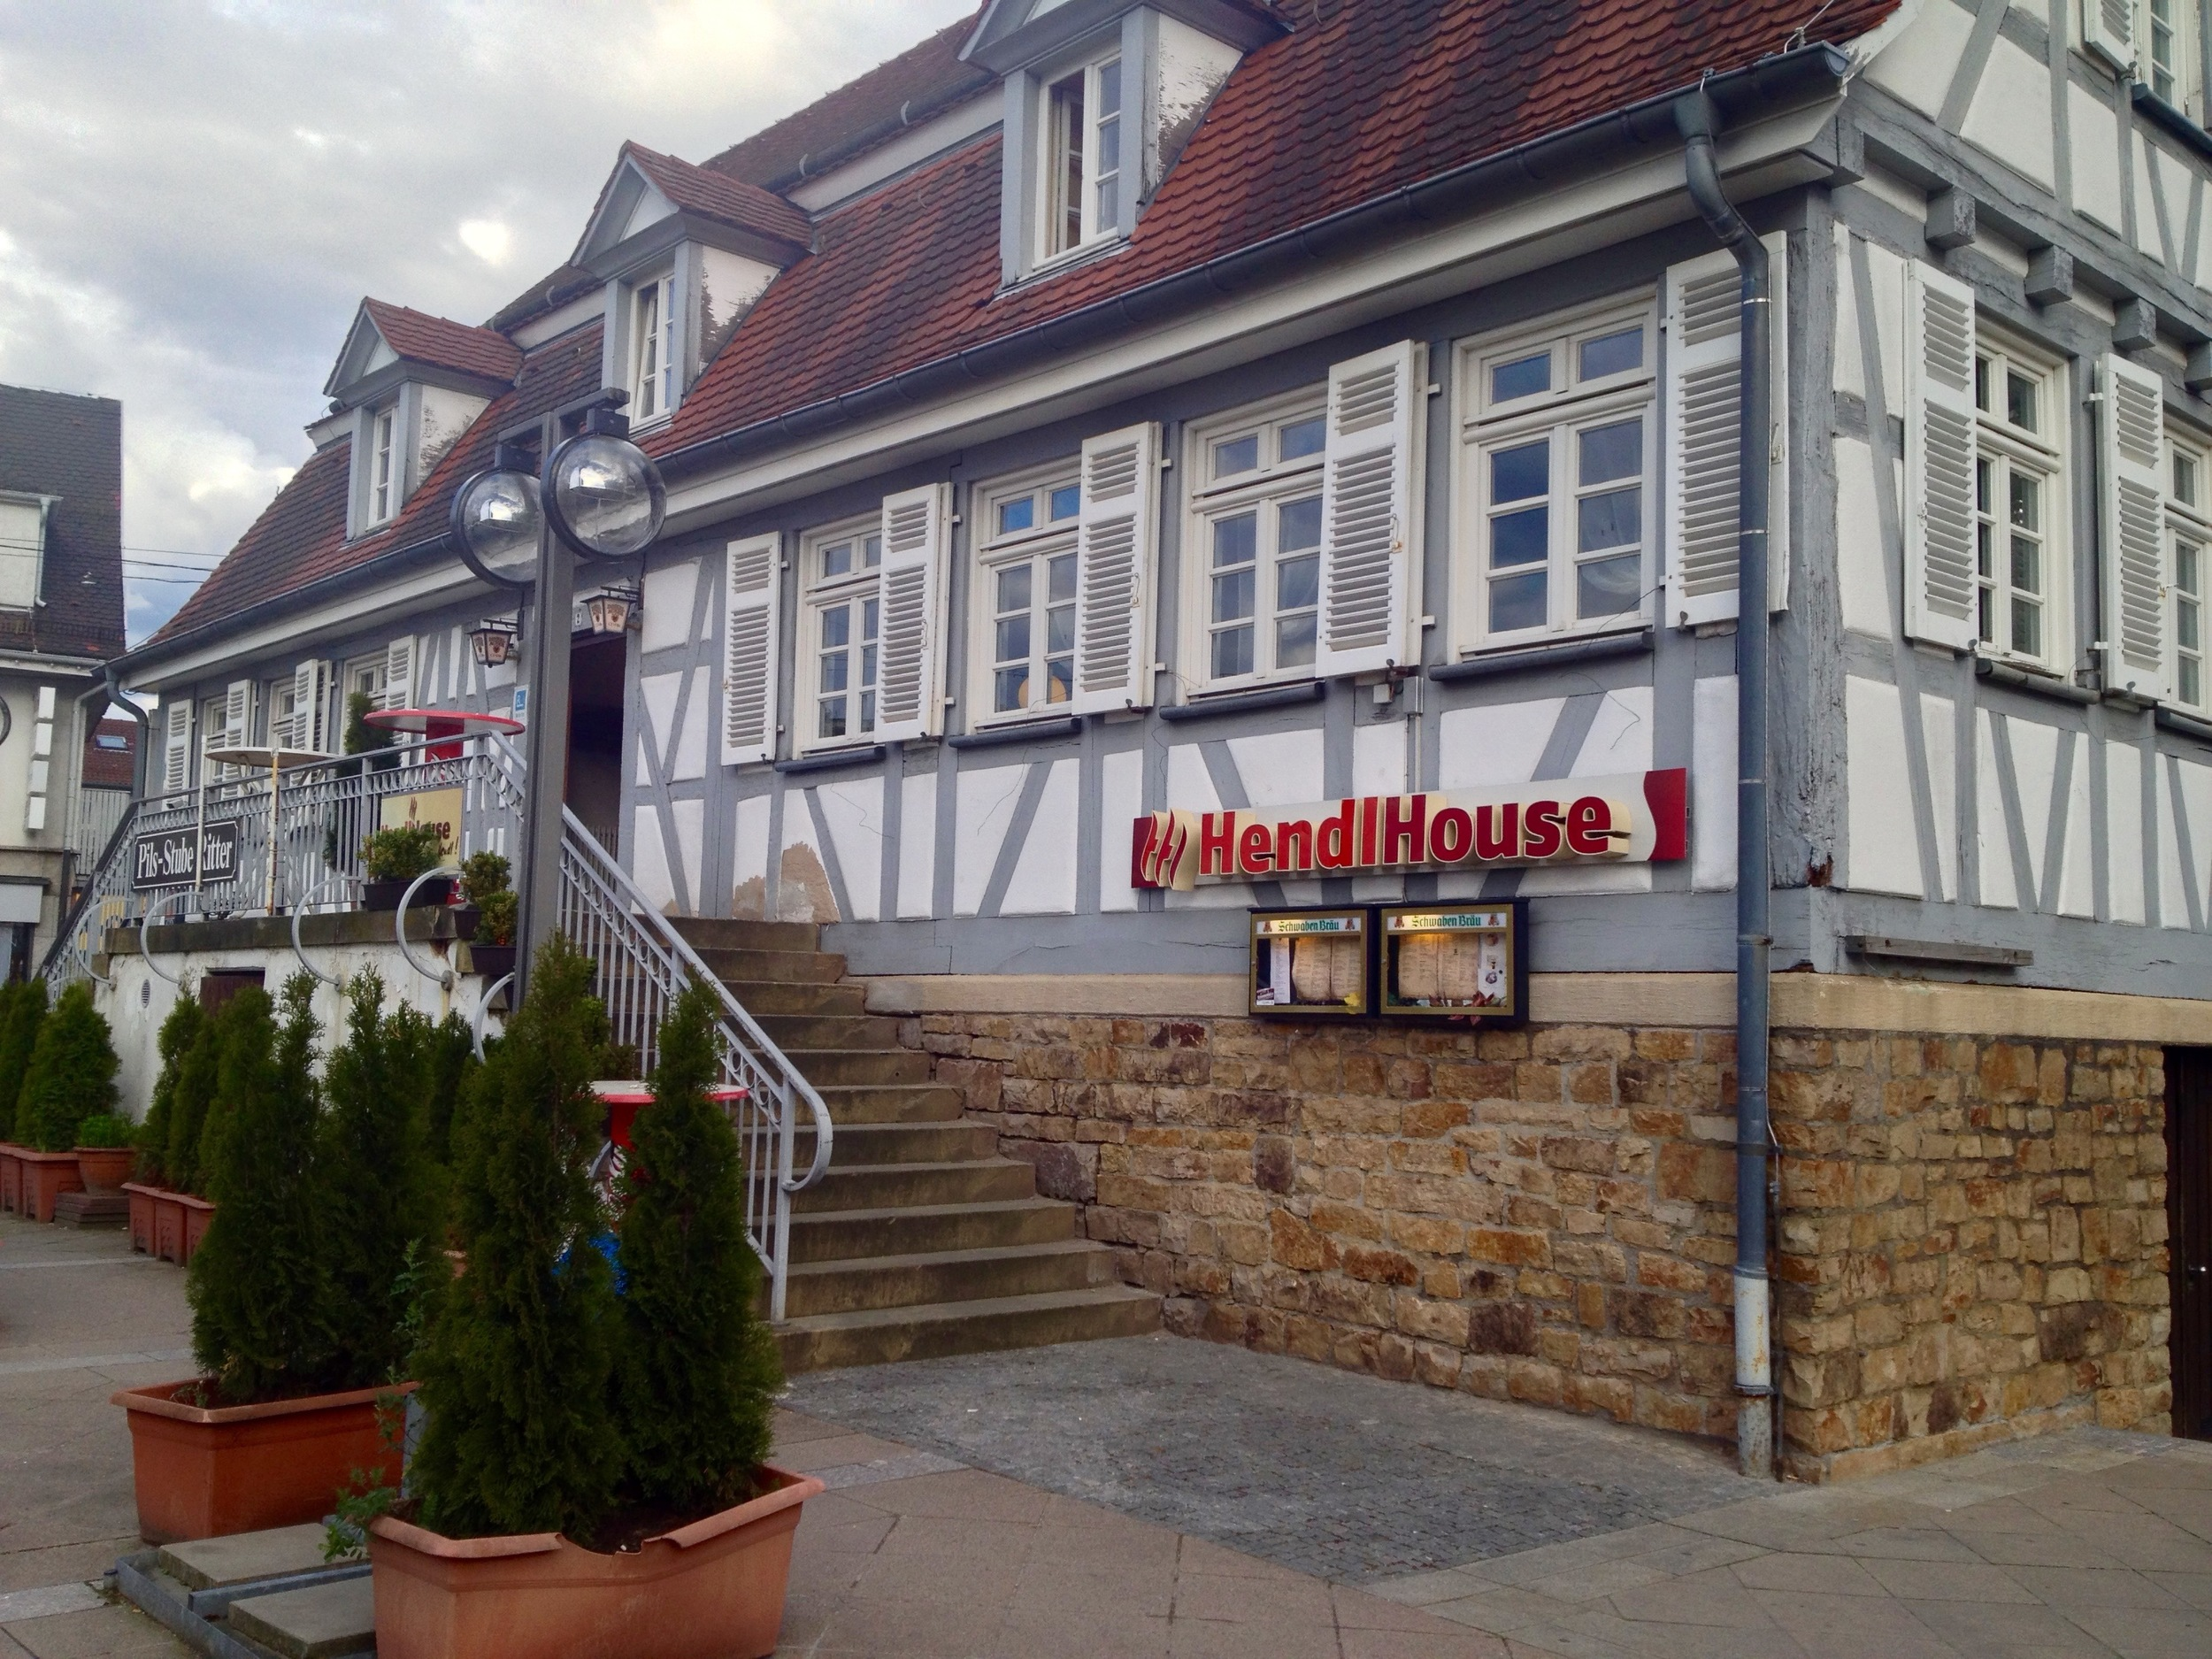 The HendleHouse in Degerloch